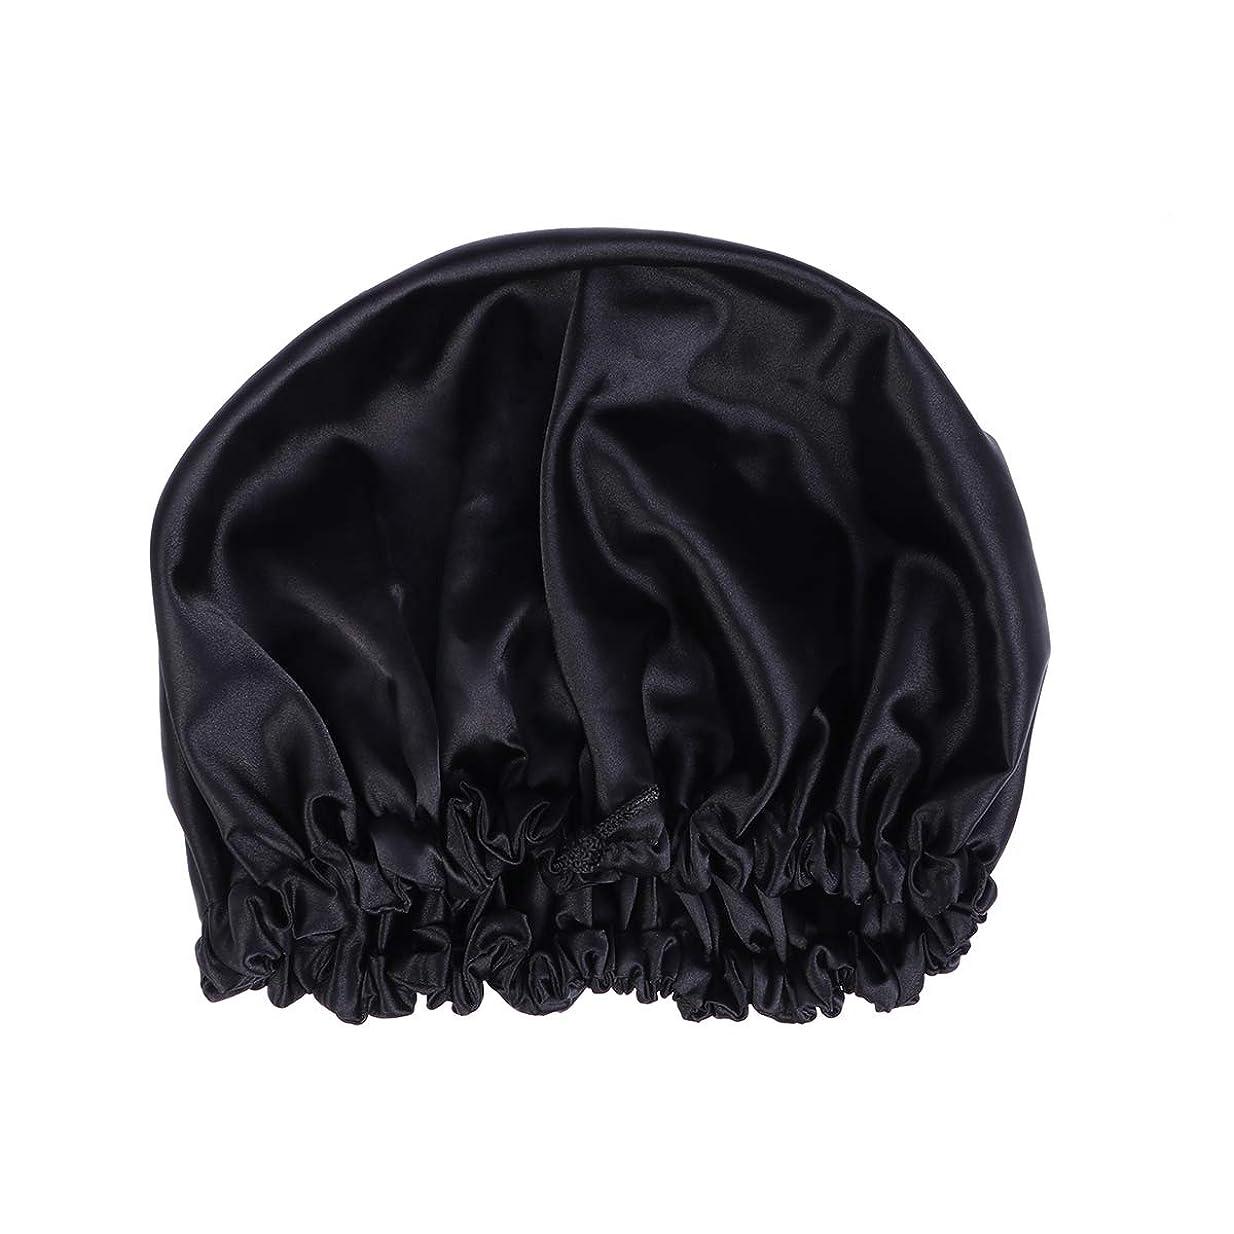 胃マイナス一掃するHealifty ダクロンナイトスリーピングキャップボンネット帽子(黒)